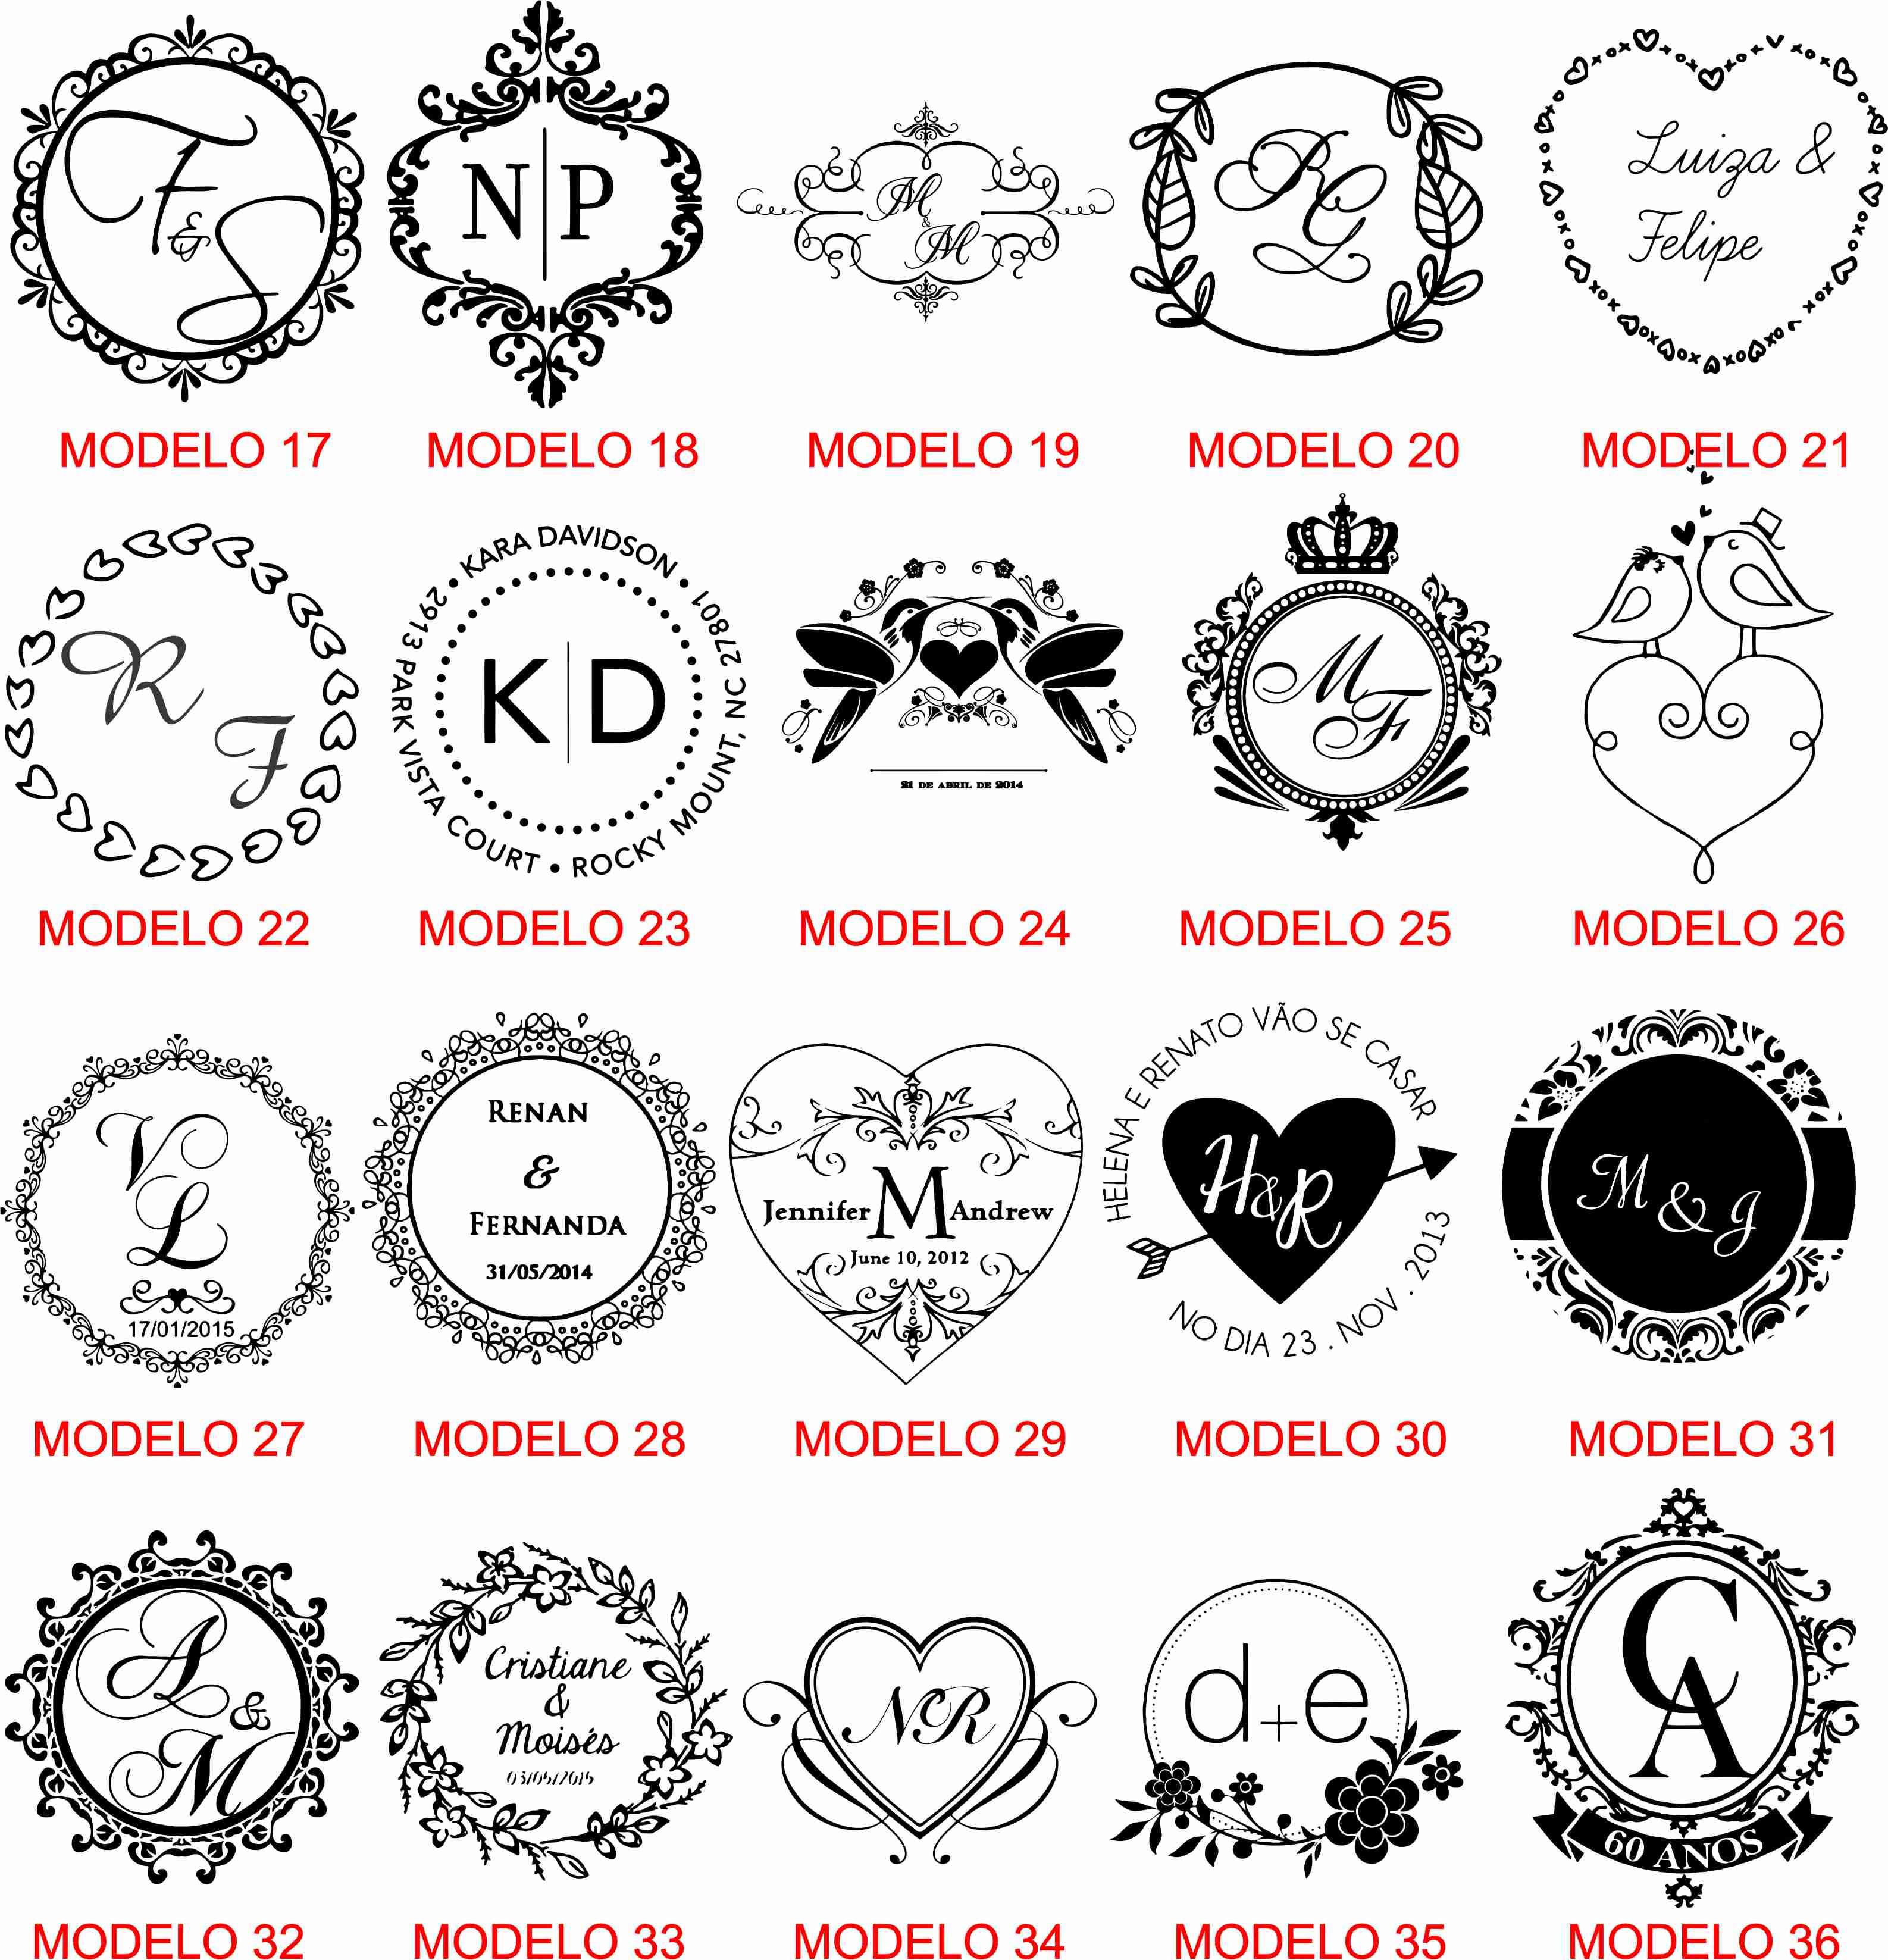 Top modelos-de-artes-monograma-brasao (3) - TH35